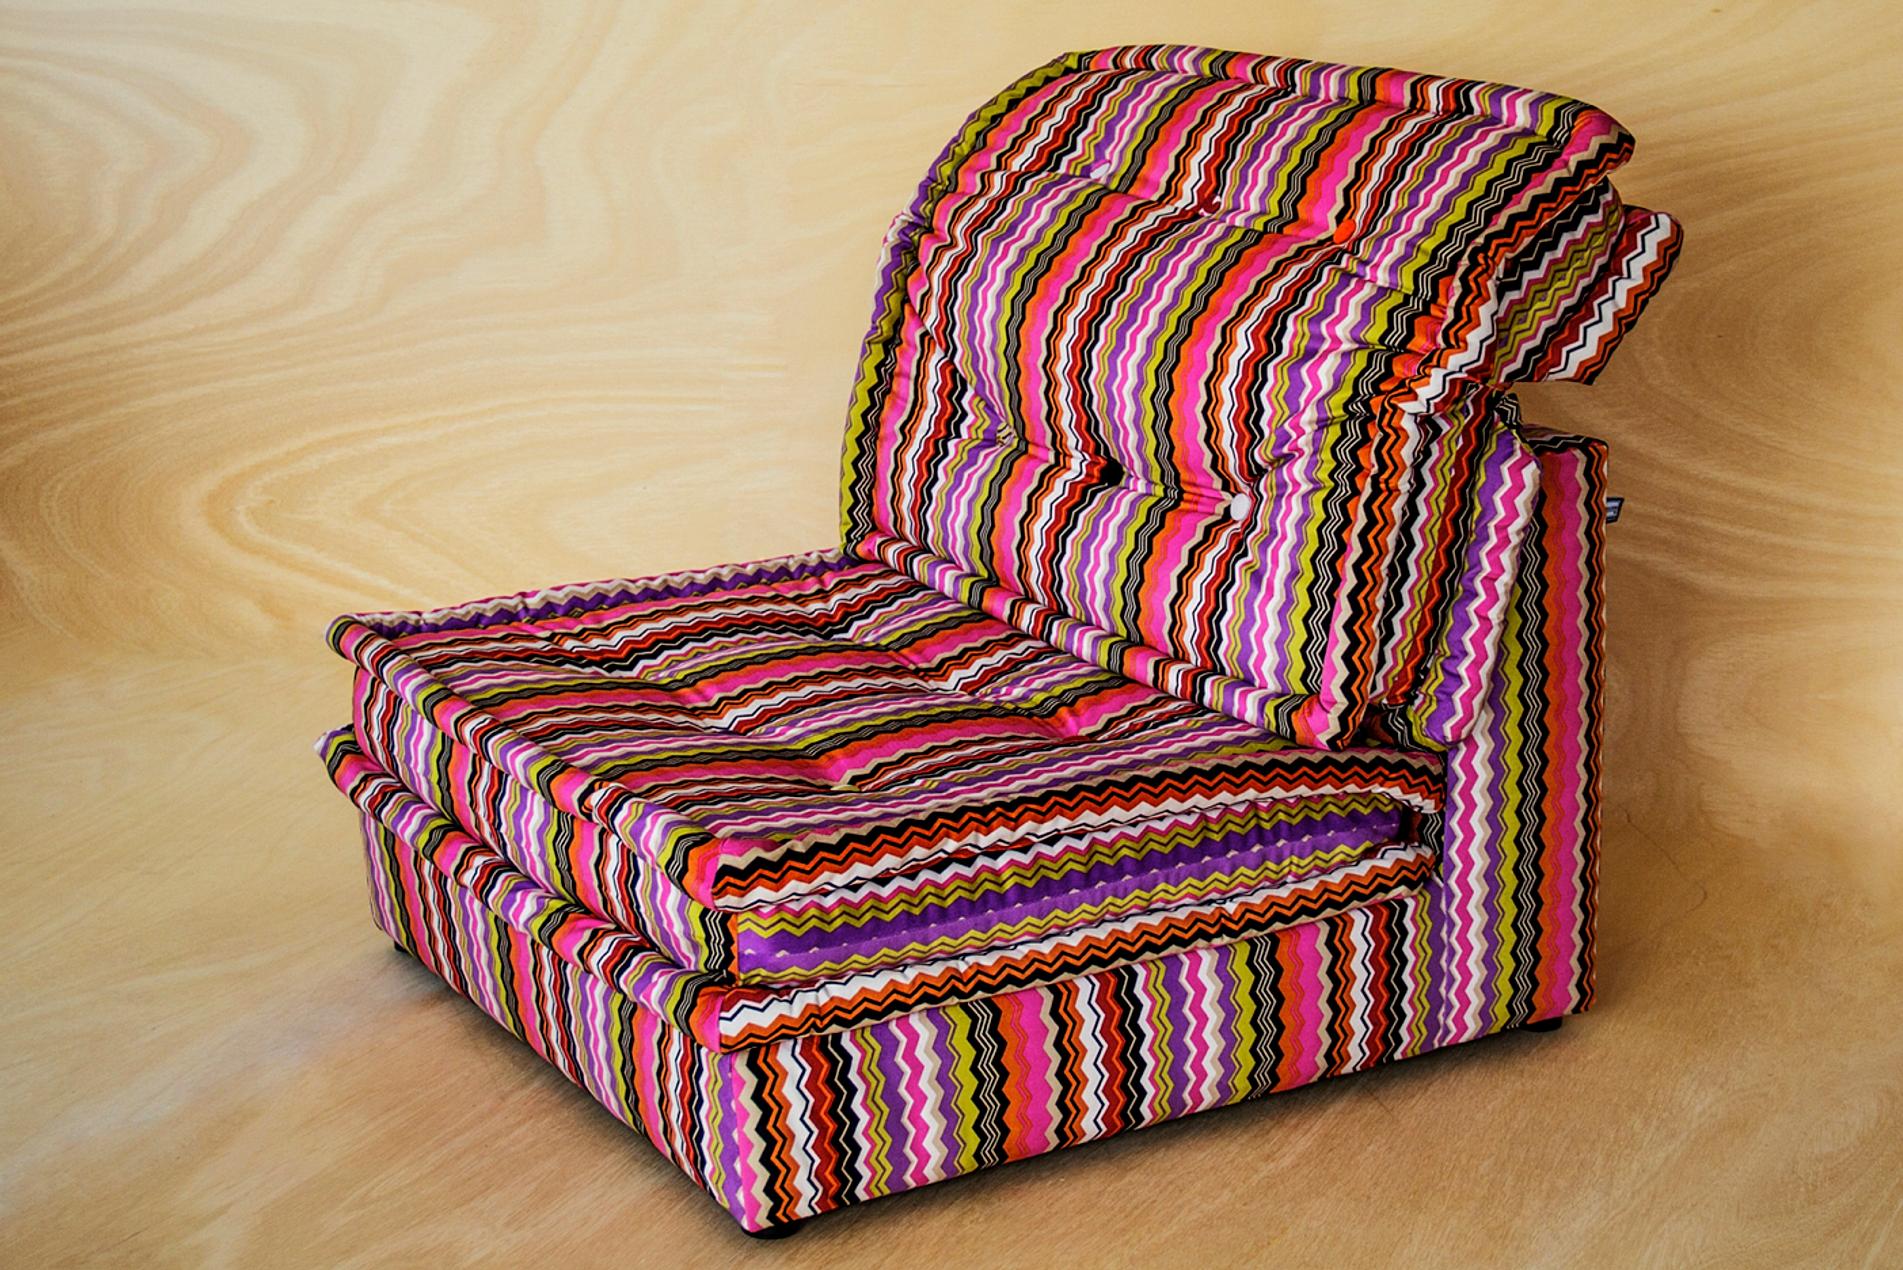 Hausin muebles colecciones hausin for Muebles para colecciones